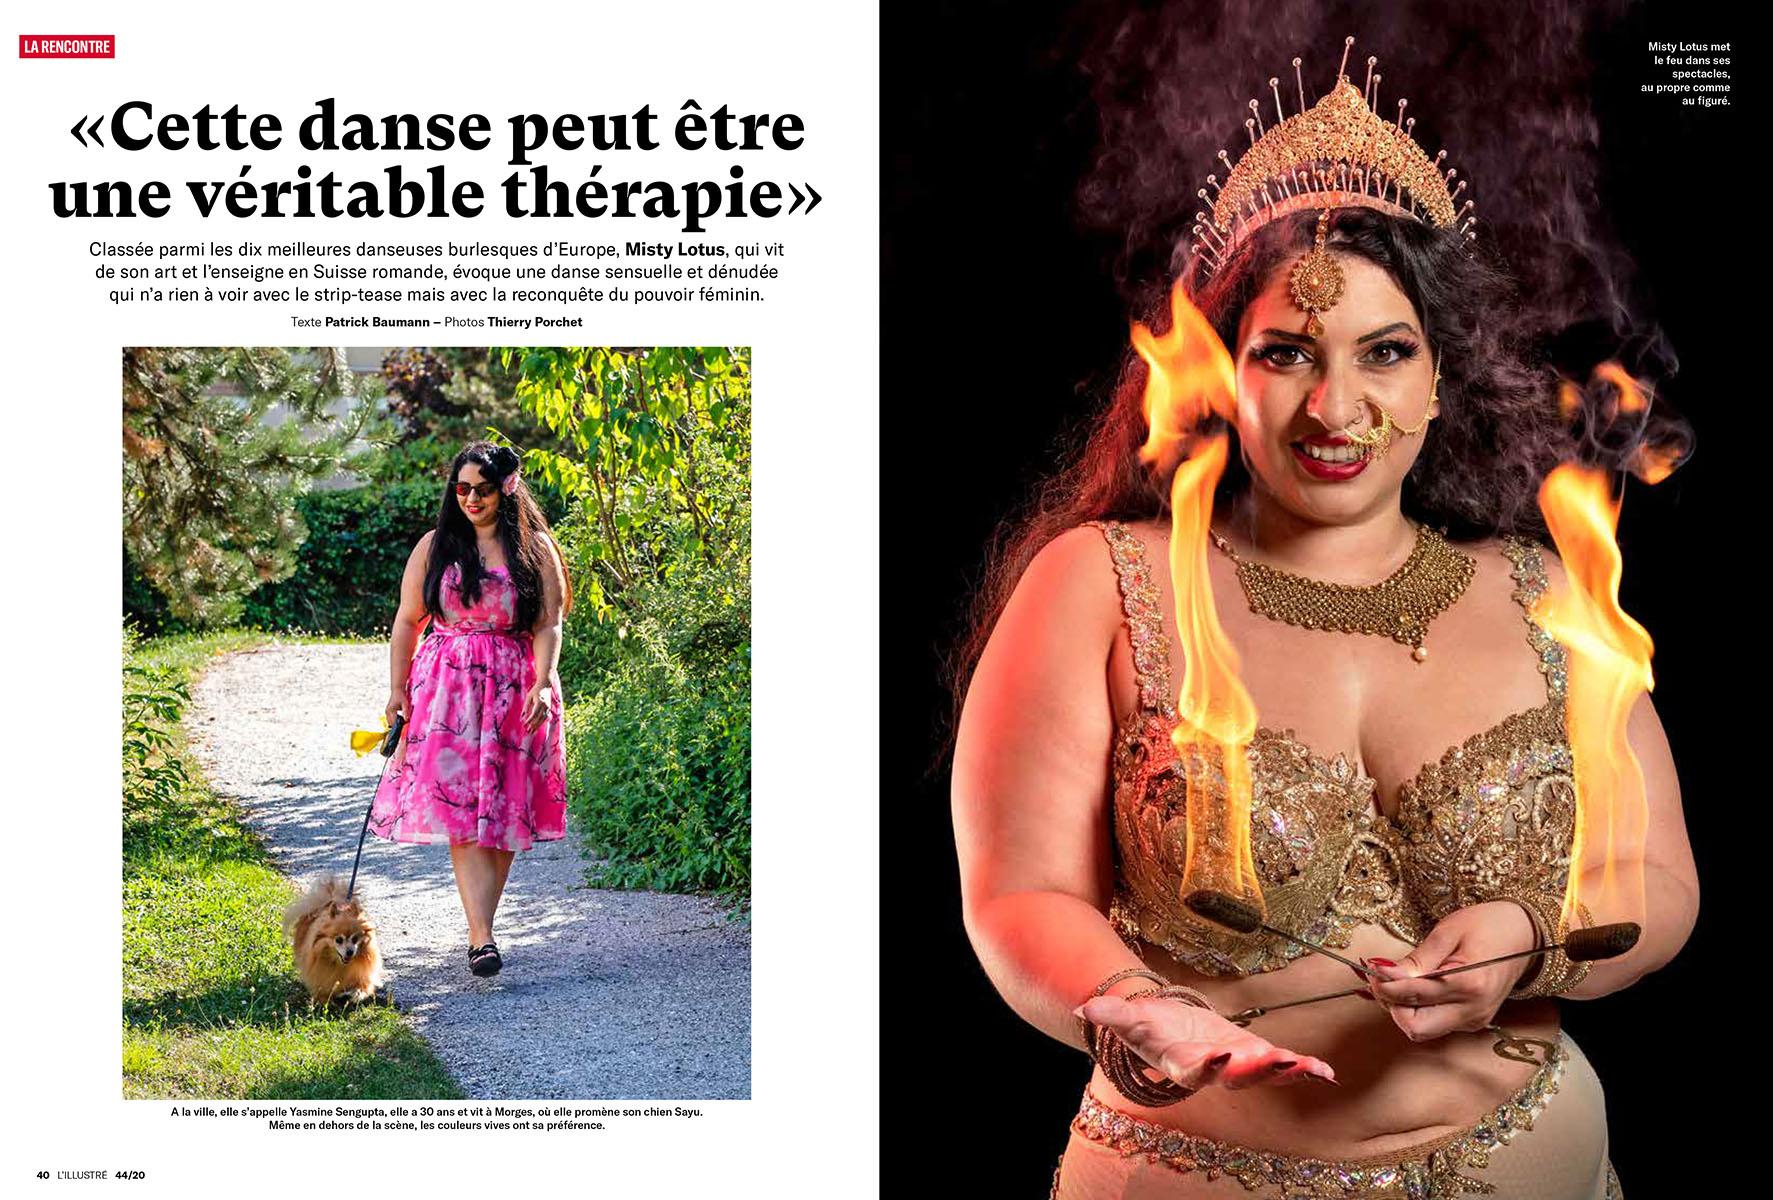 Reportage pour L'illustré, danseuse burlesque, Misty ©Thierry Porchet